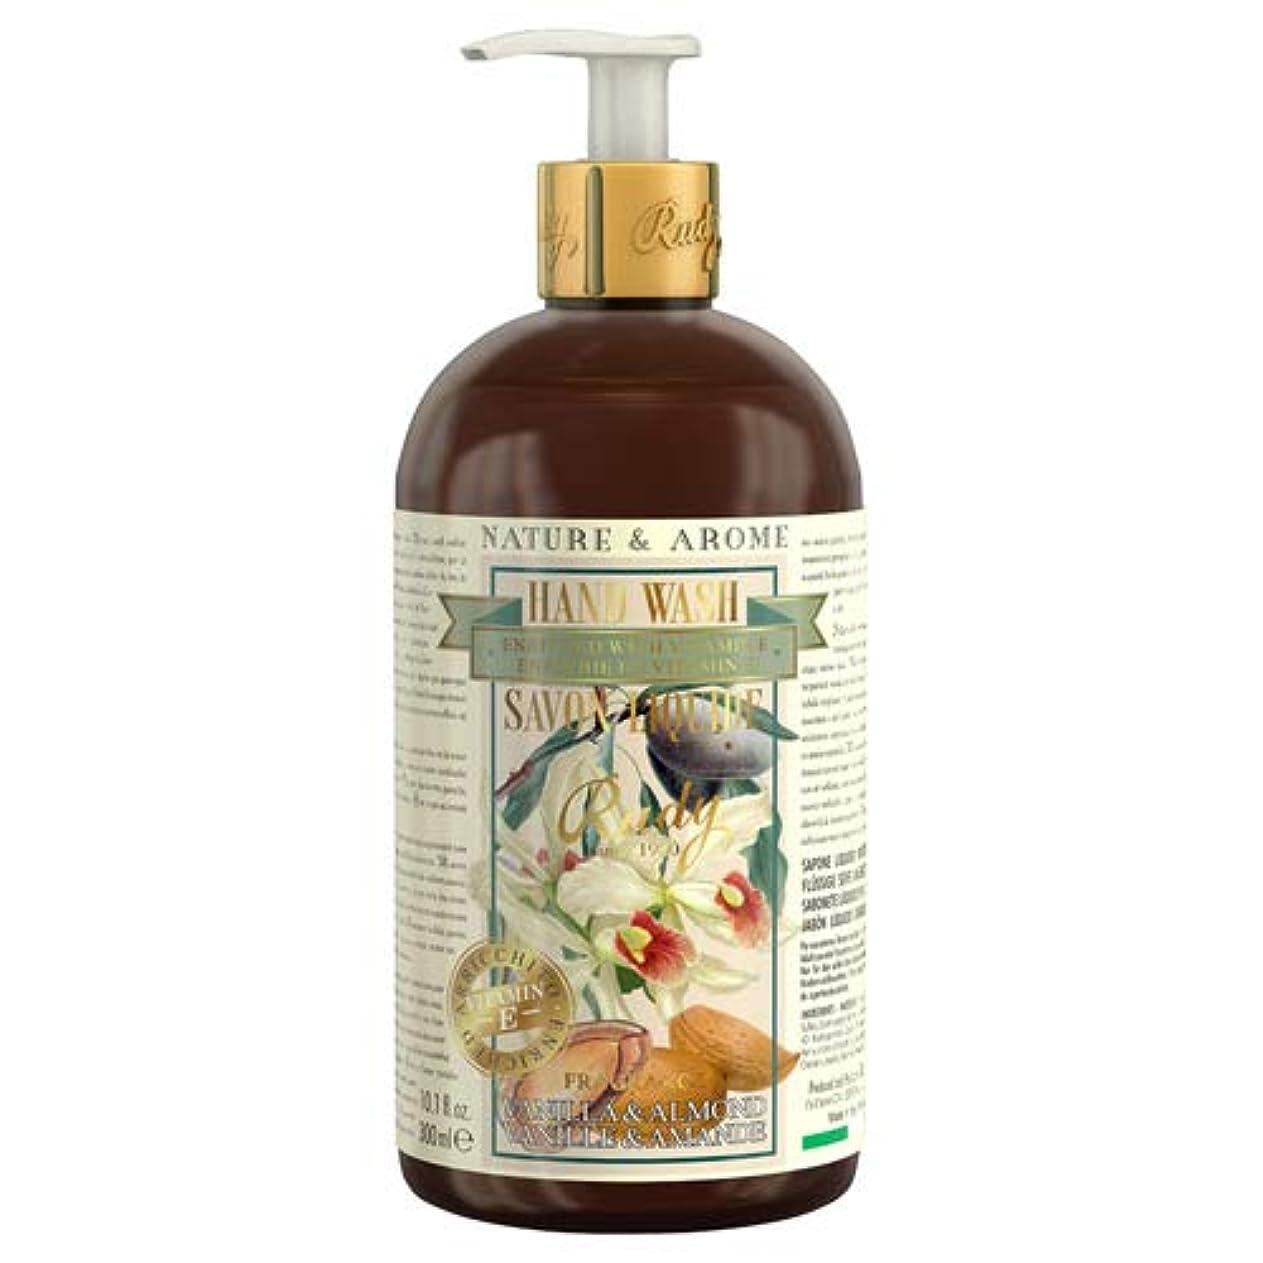 休戦シートテロRUDY Nature&Arome Apothecary ネイチャーアロマ アポセカリー Hand Wash ハンドウォッシュ(ボディソープ) Vanilla & Almond バニラ&アーモンド